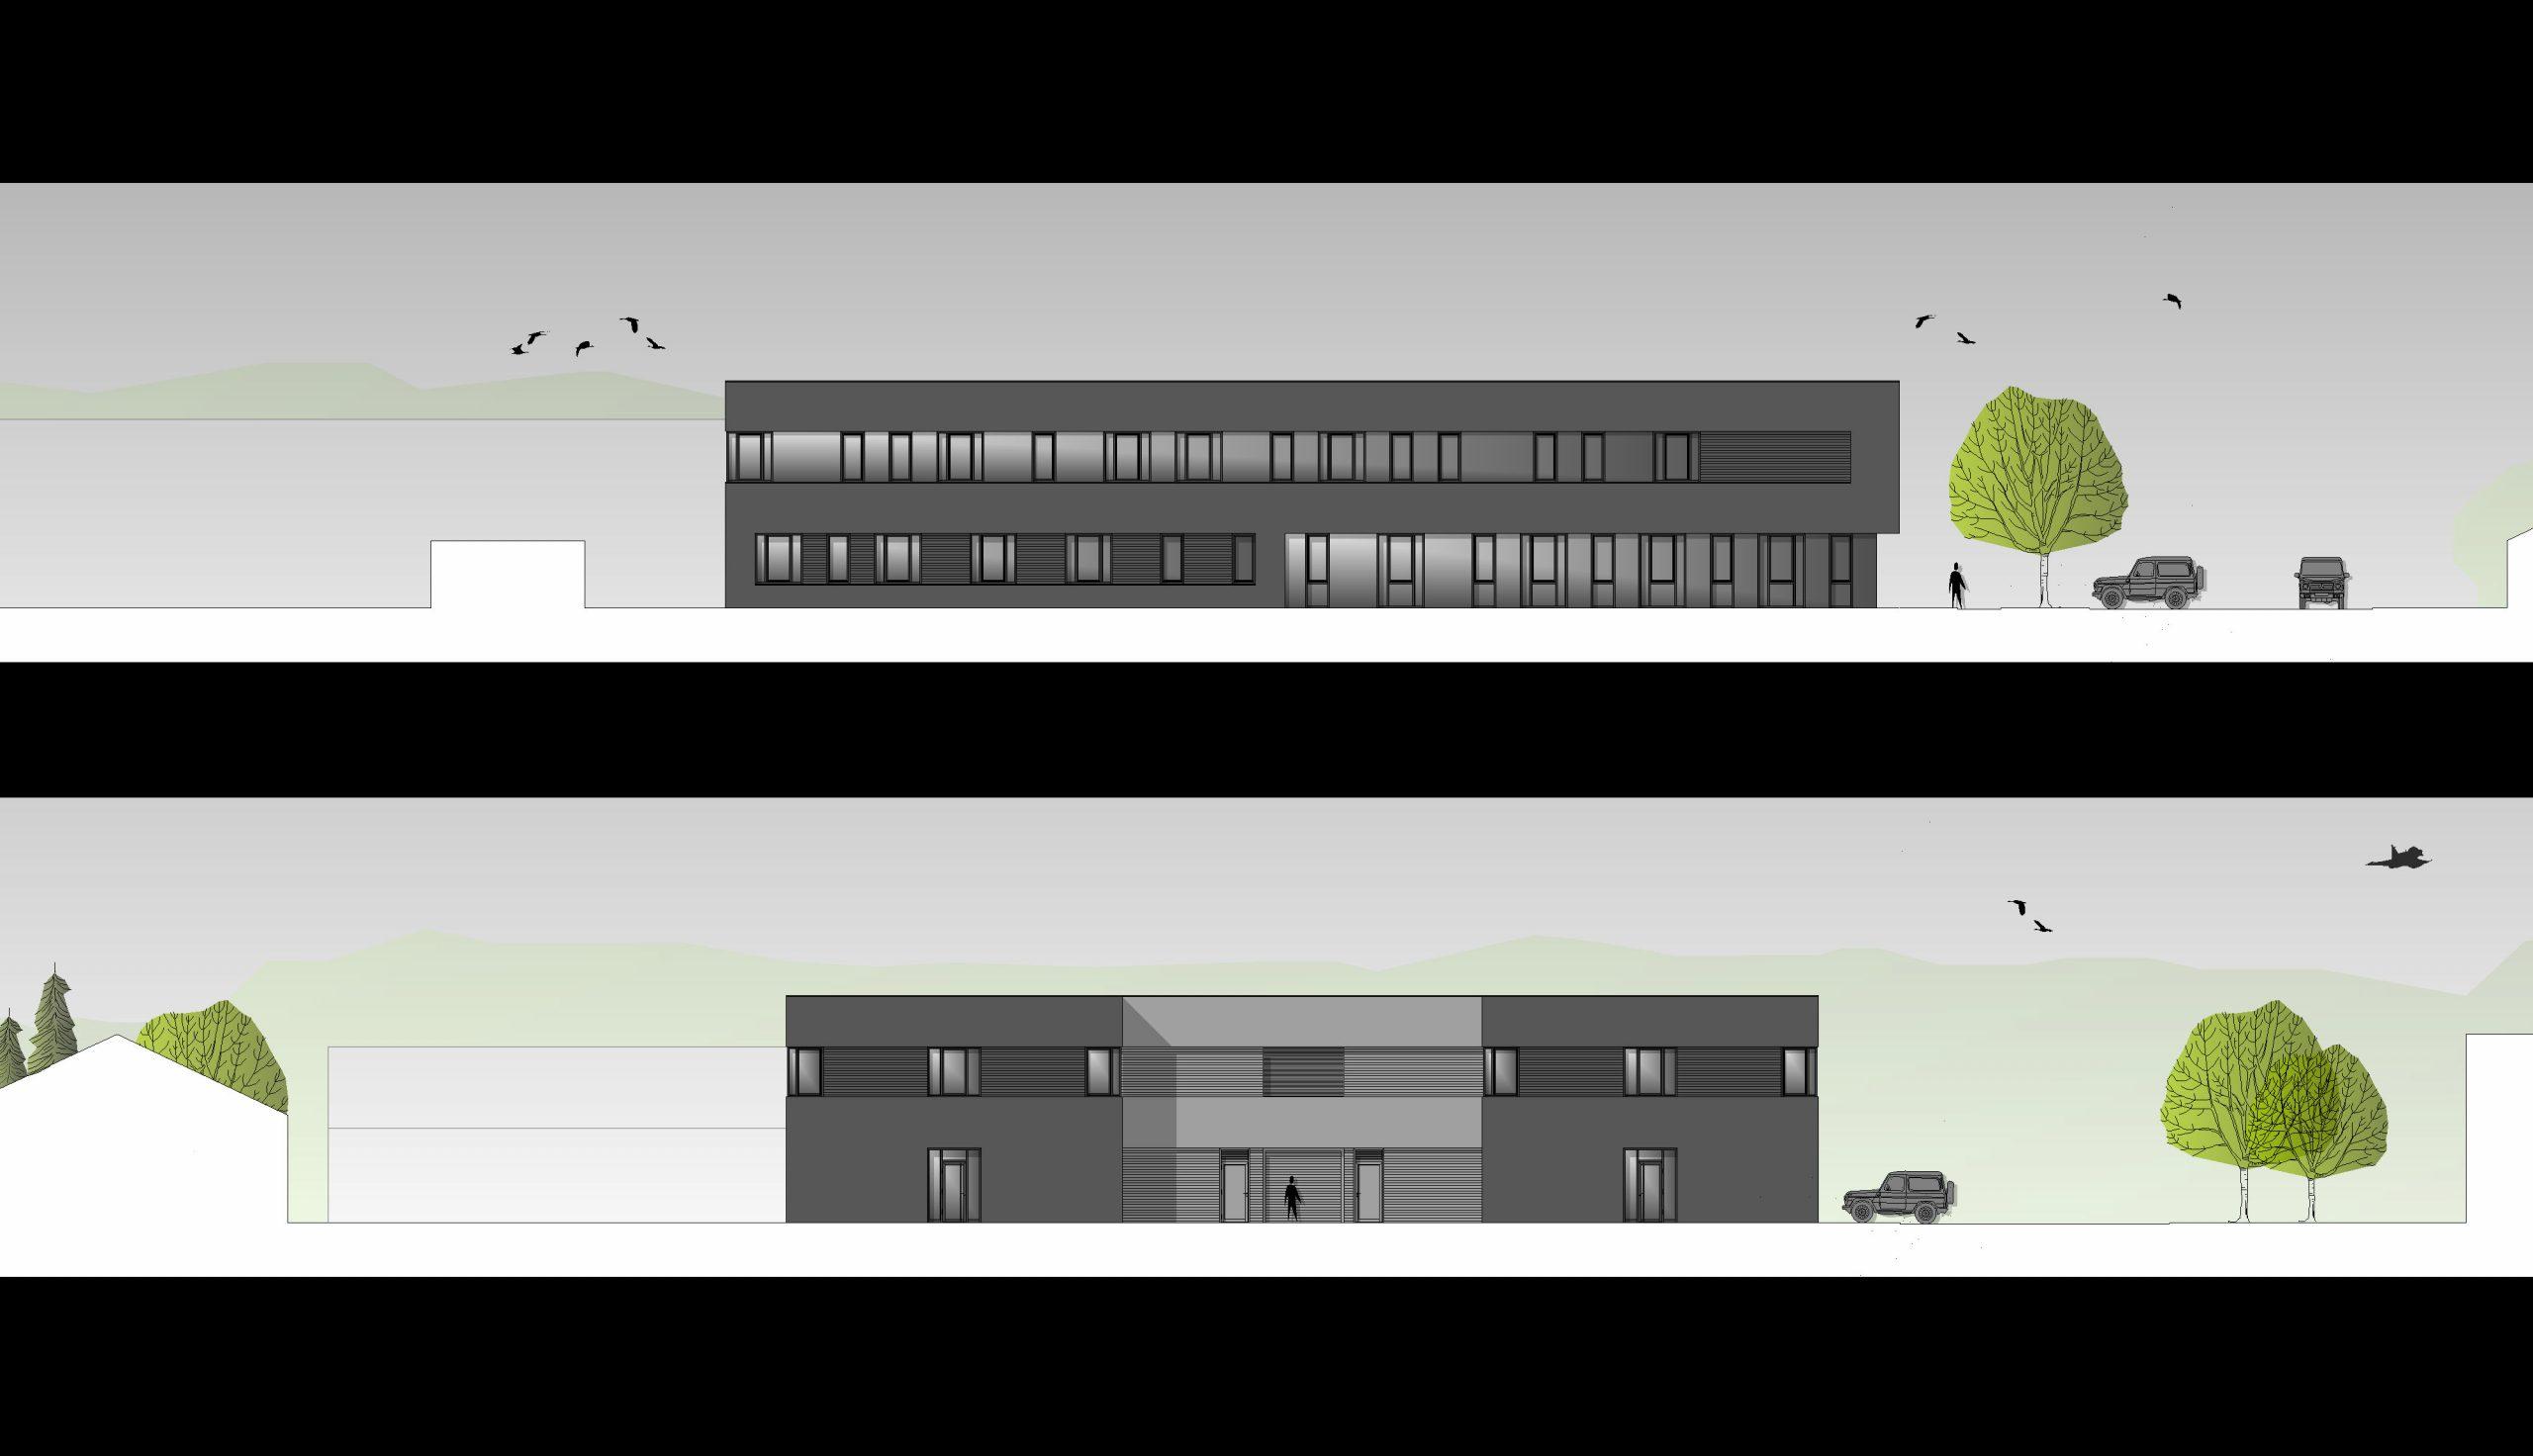 Projektbild 3, Stabsgebäude  |  Laage